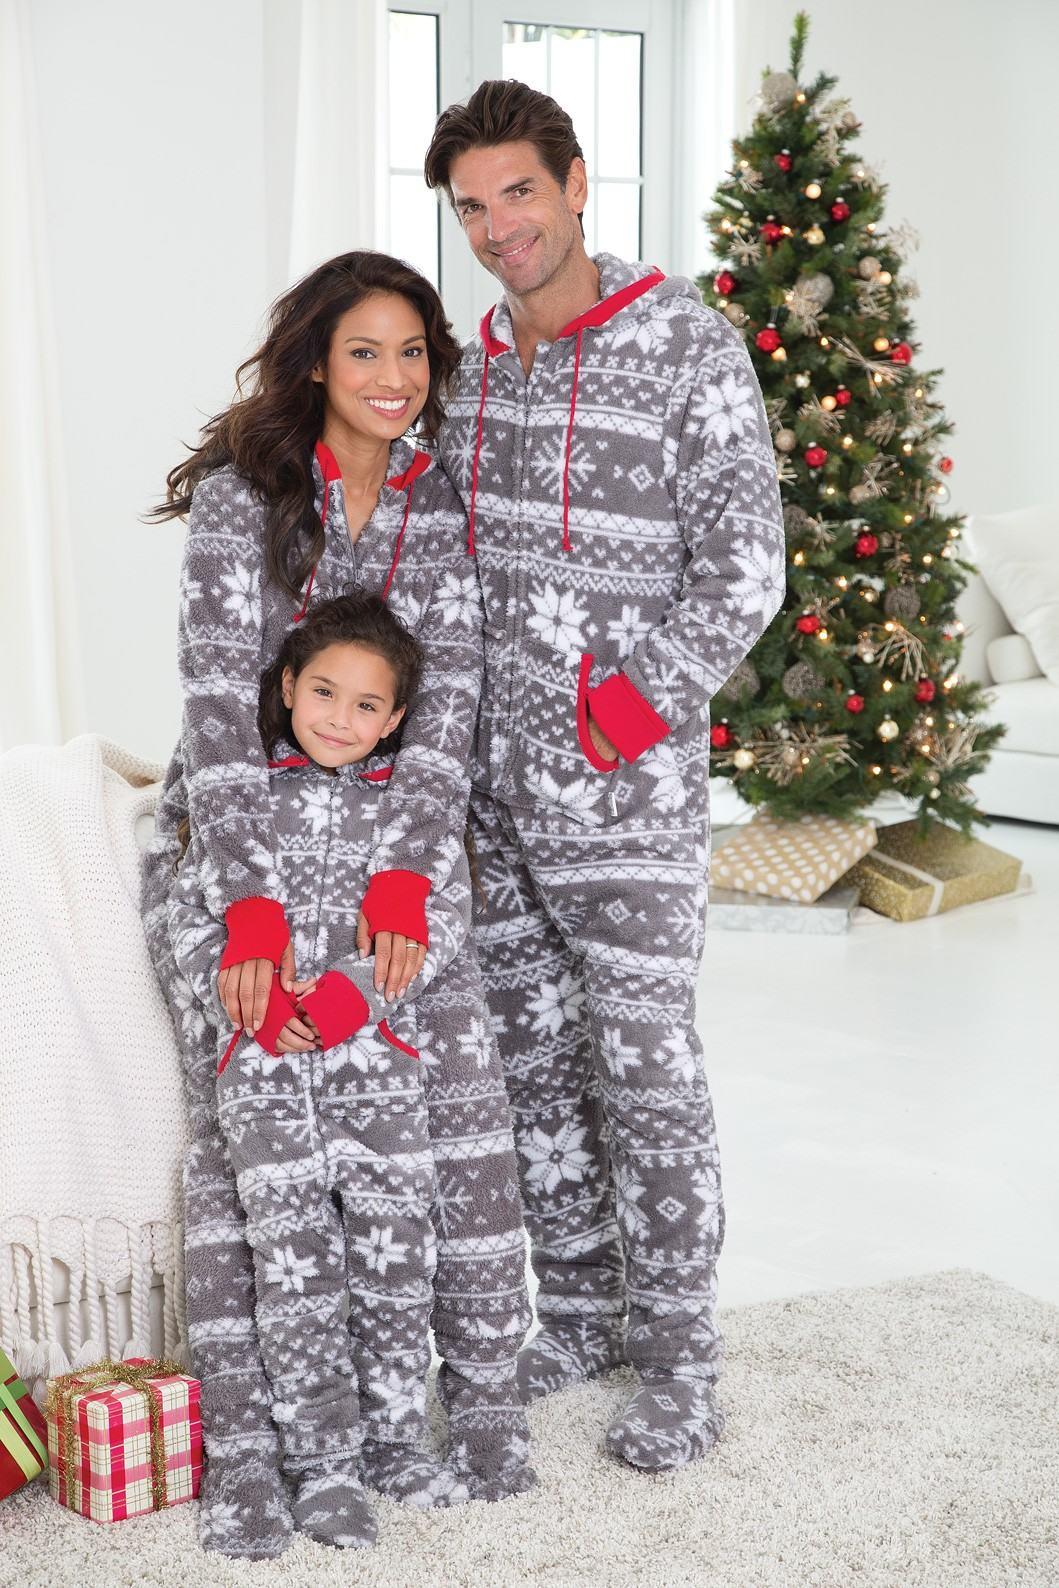 Regalos de navidad originales para toda la familia